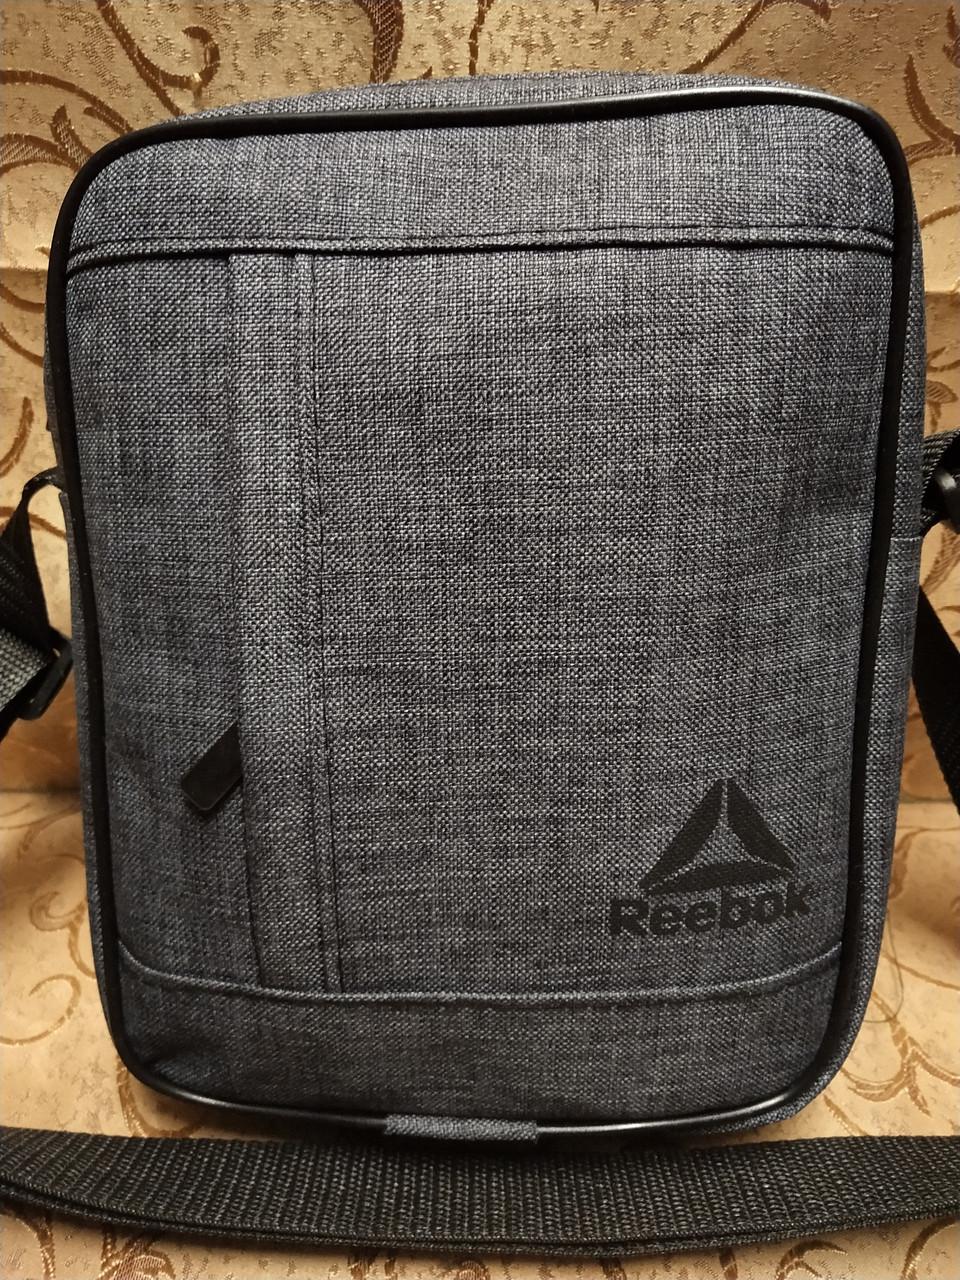 (24*19-большое)Барсетка reebok сумка спортивные мессенджер для через плечо Унисекс ОПТ